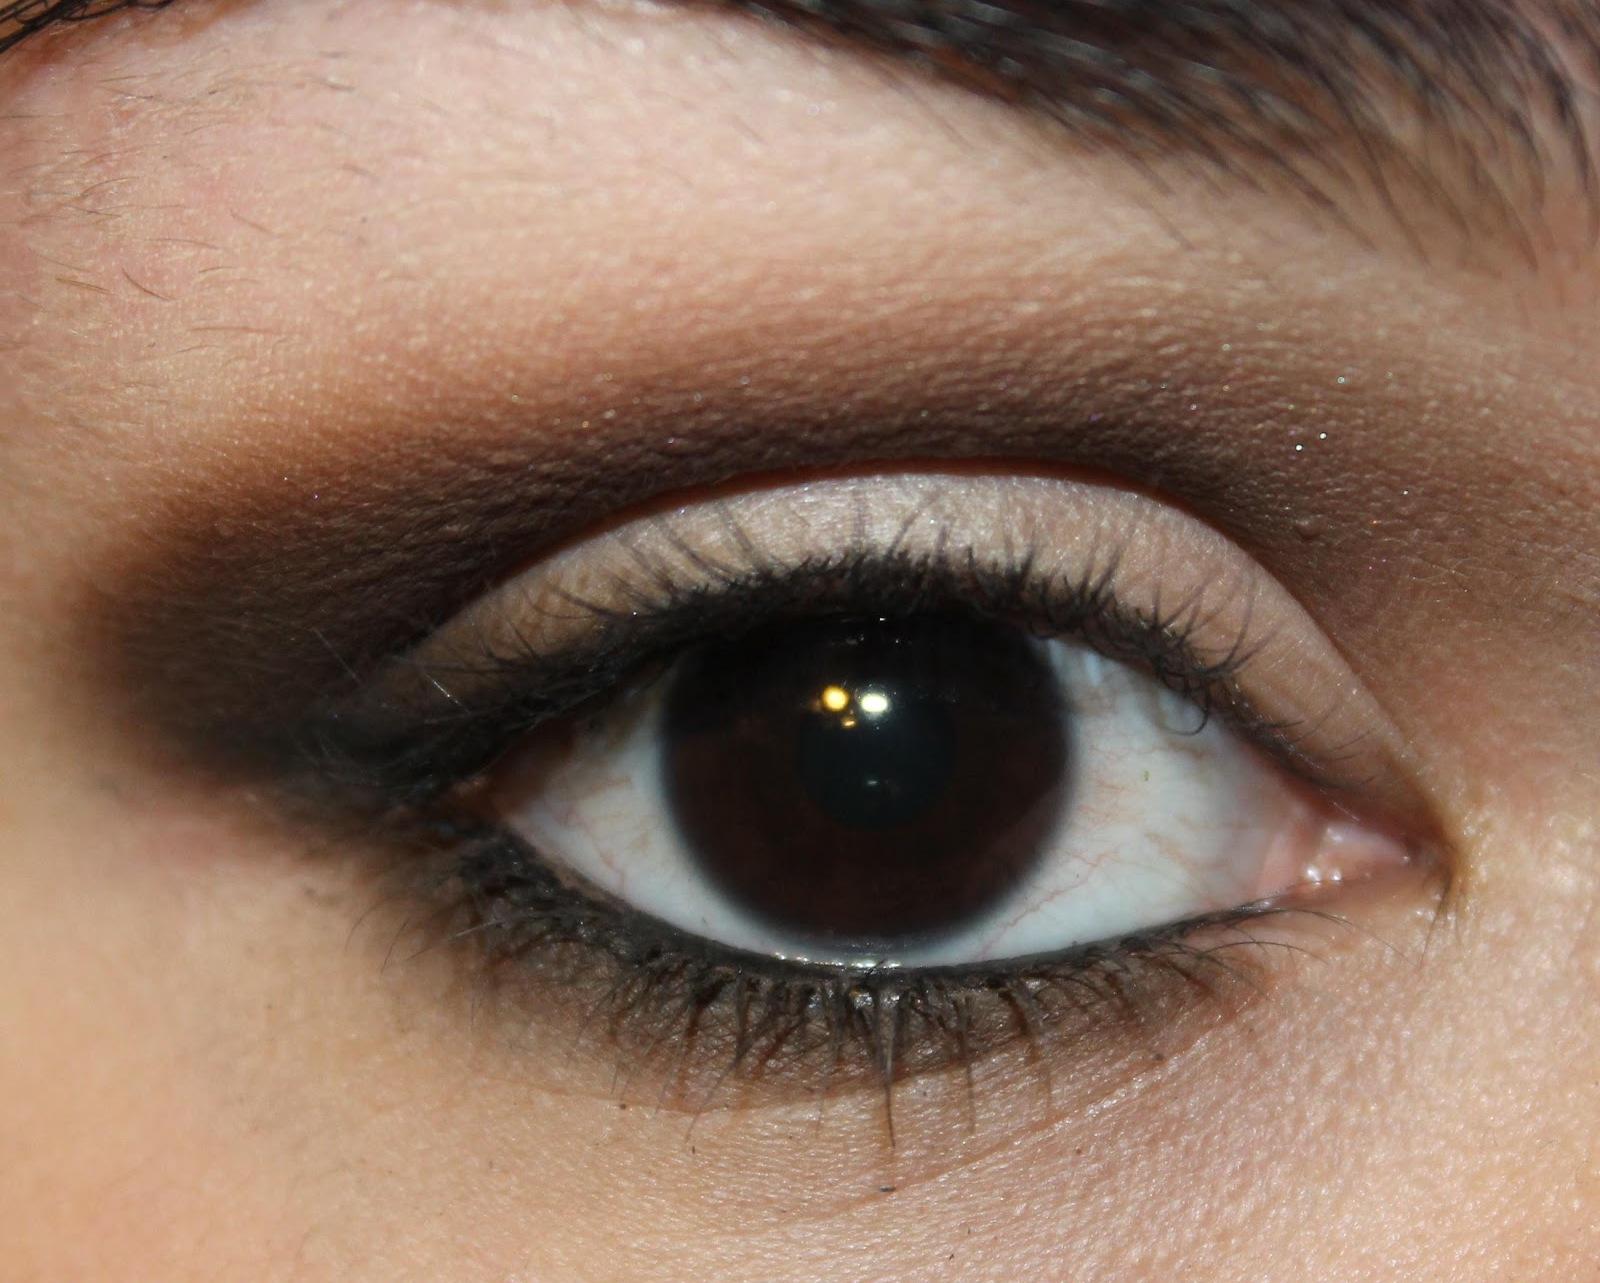 بالصور عيون سوداء , جمال العيون السوداء و نظراتها 914 4